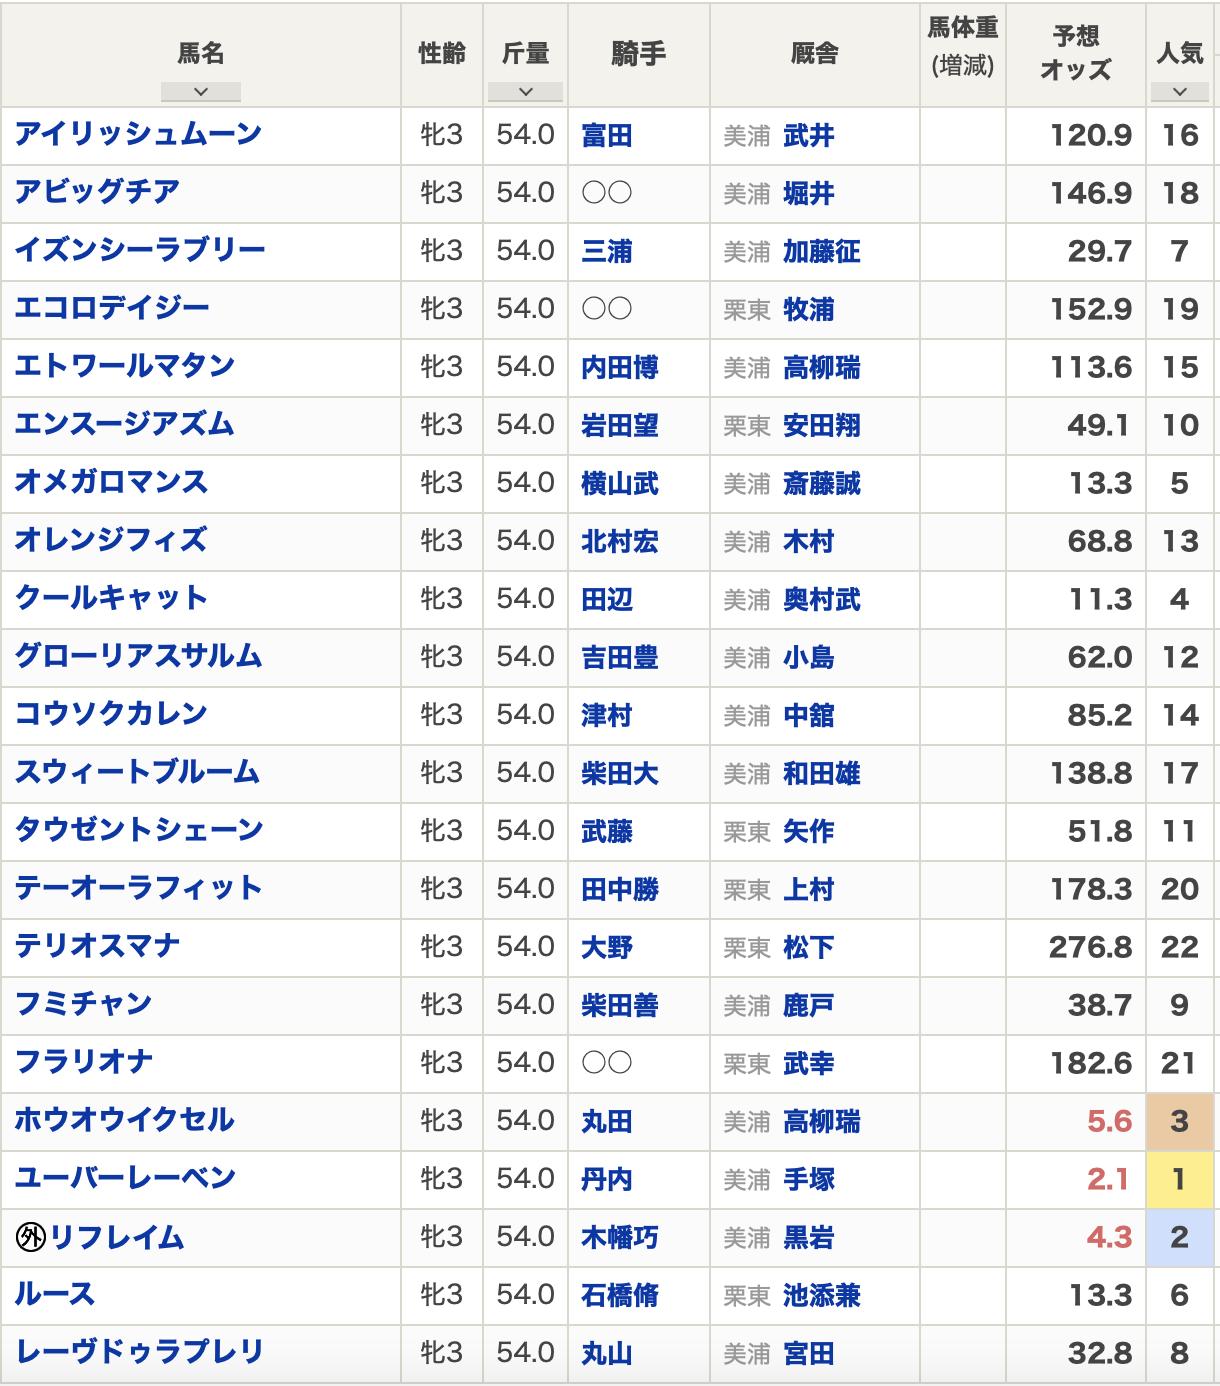 フラワーカップ2021出走予定馬